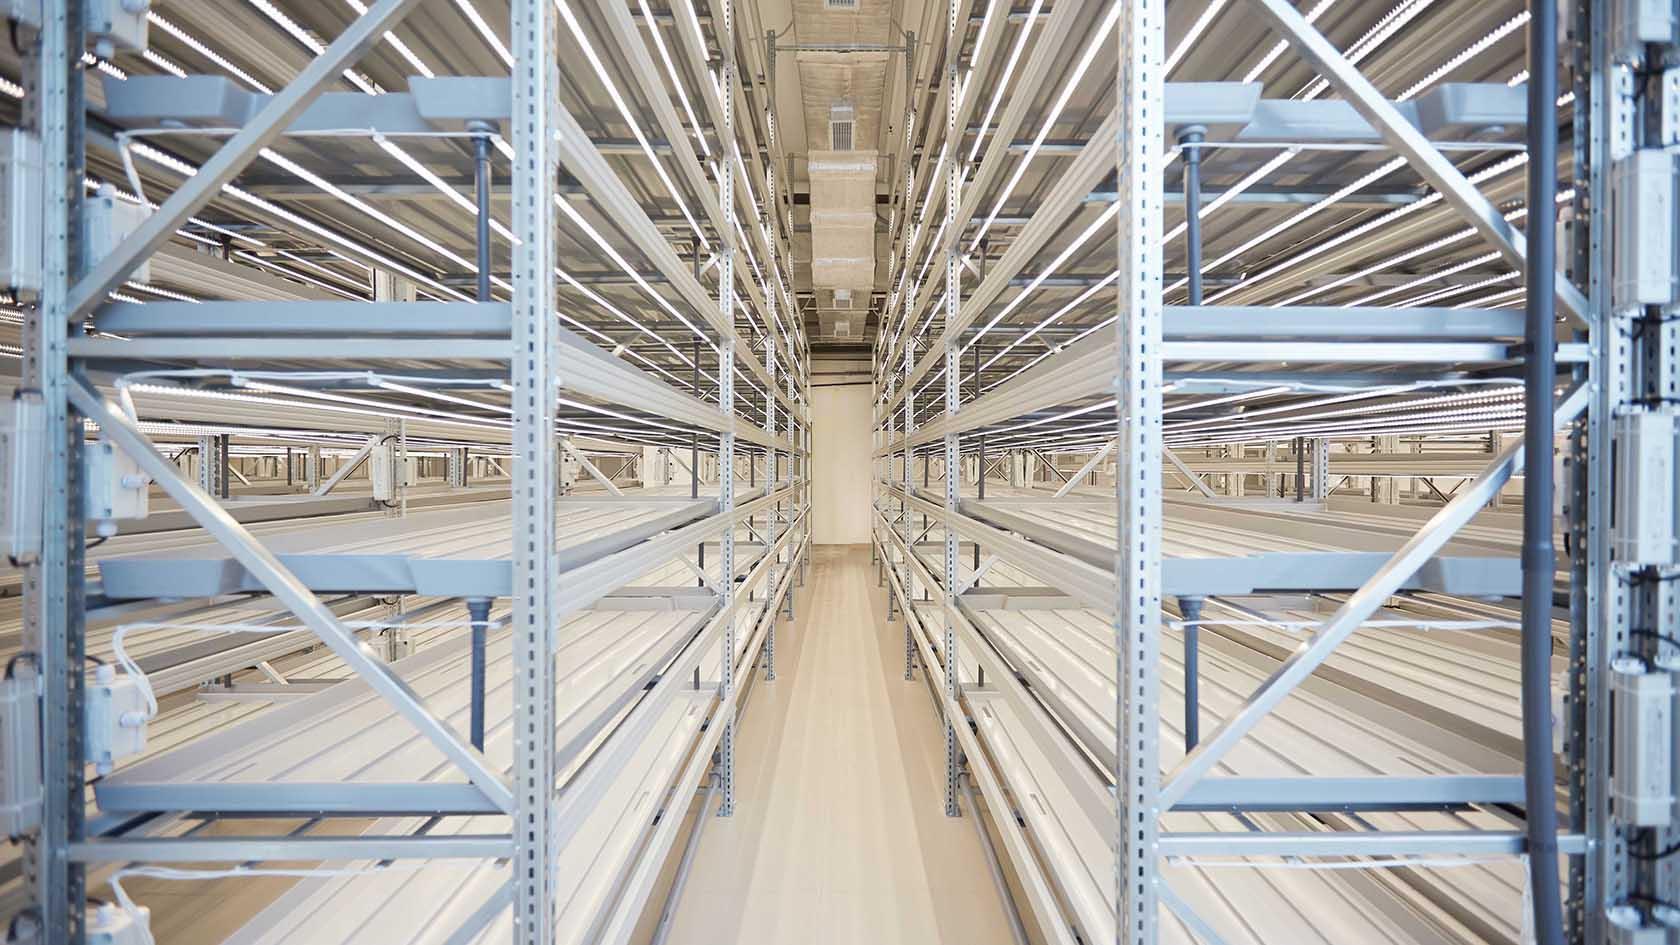 Катар: Объединение усилий для управления коммерческими вертикальными фермами в помещении